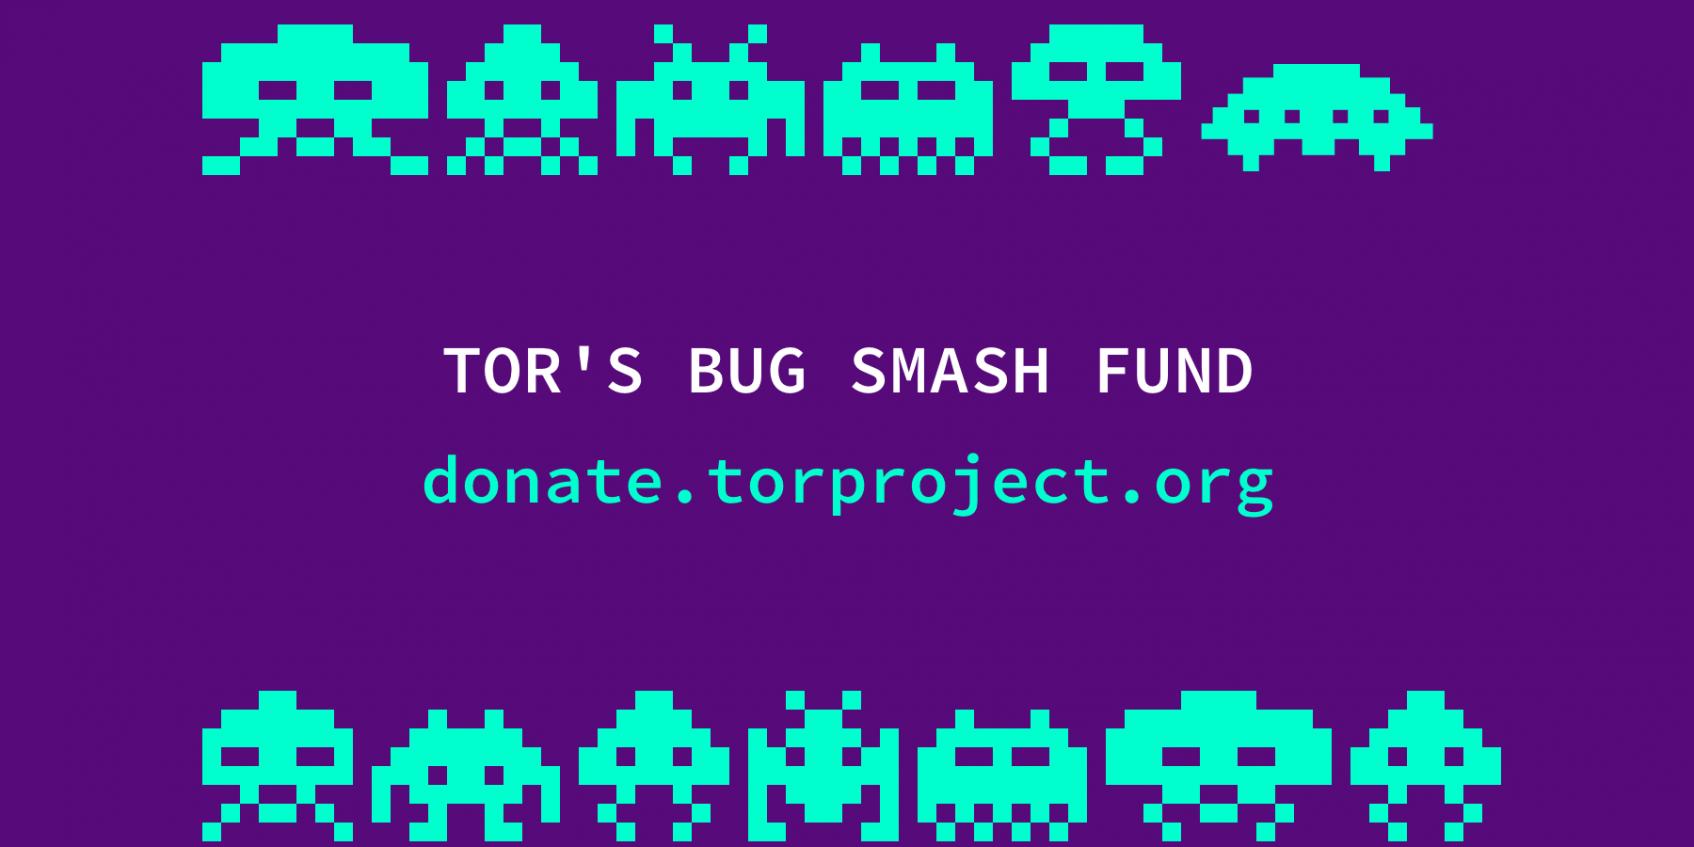 assets/static/images/blog/bug-smash.png